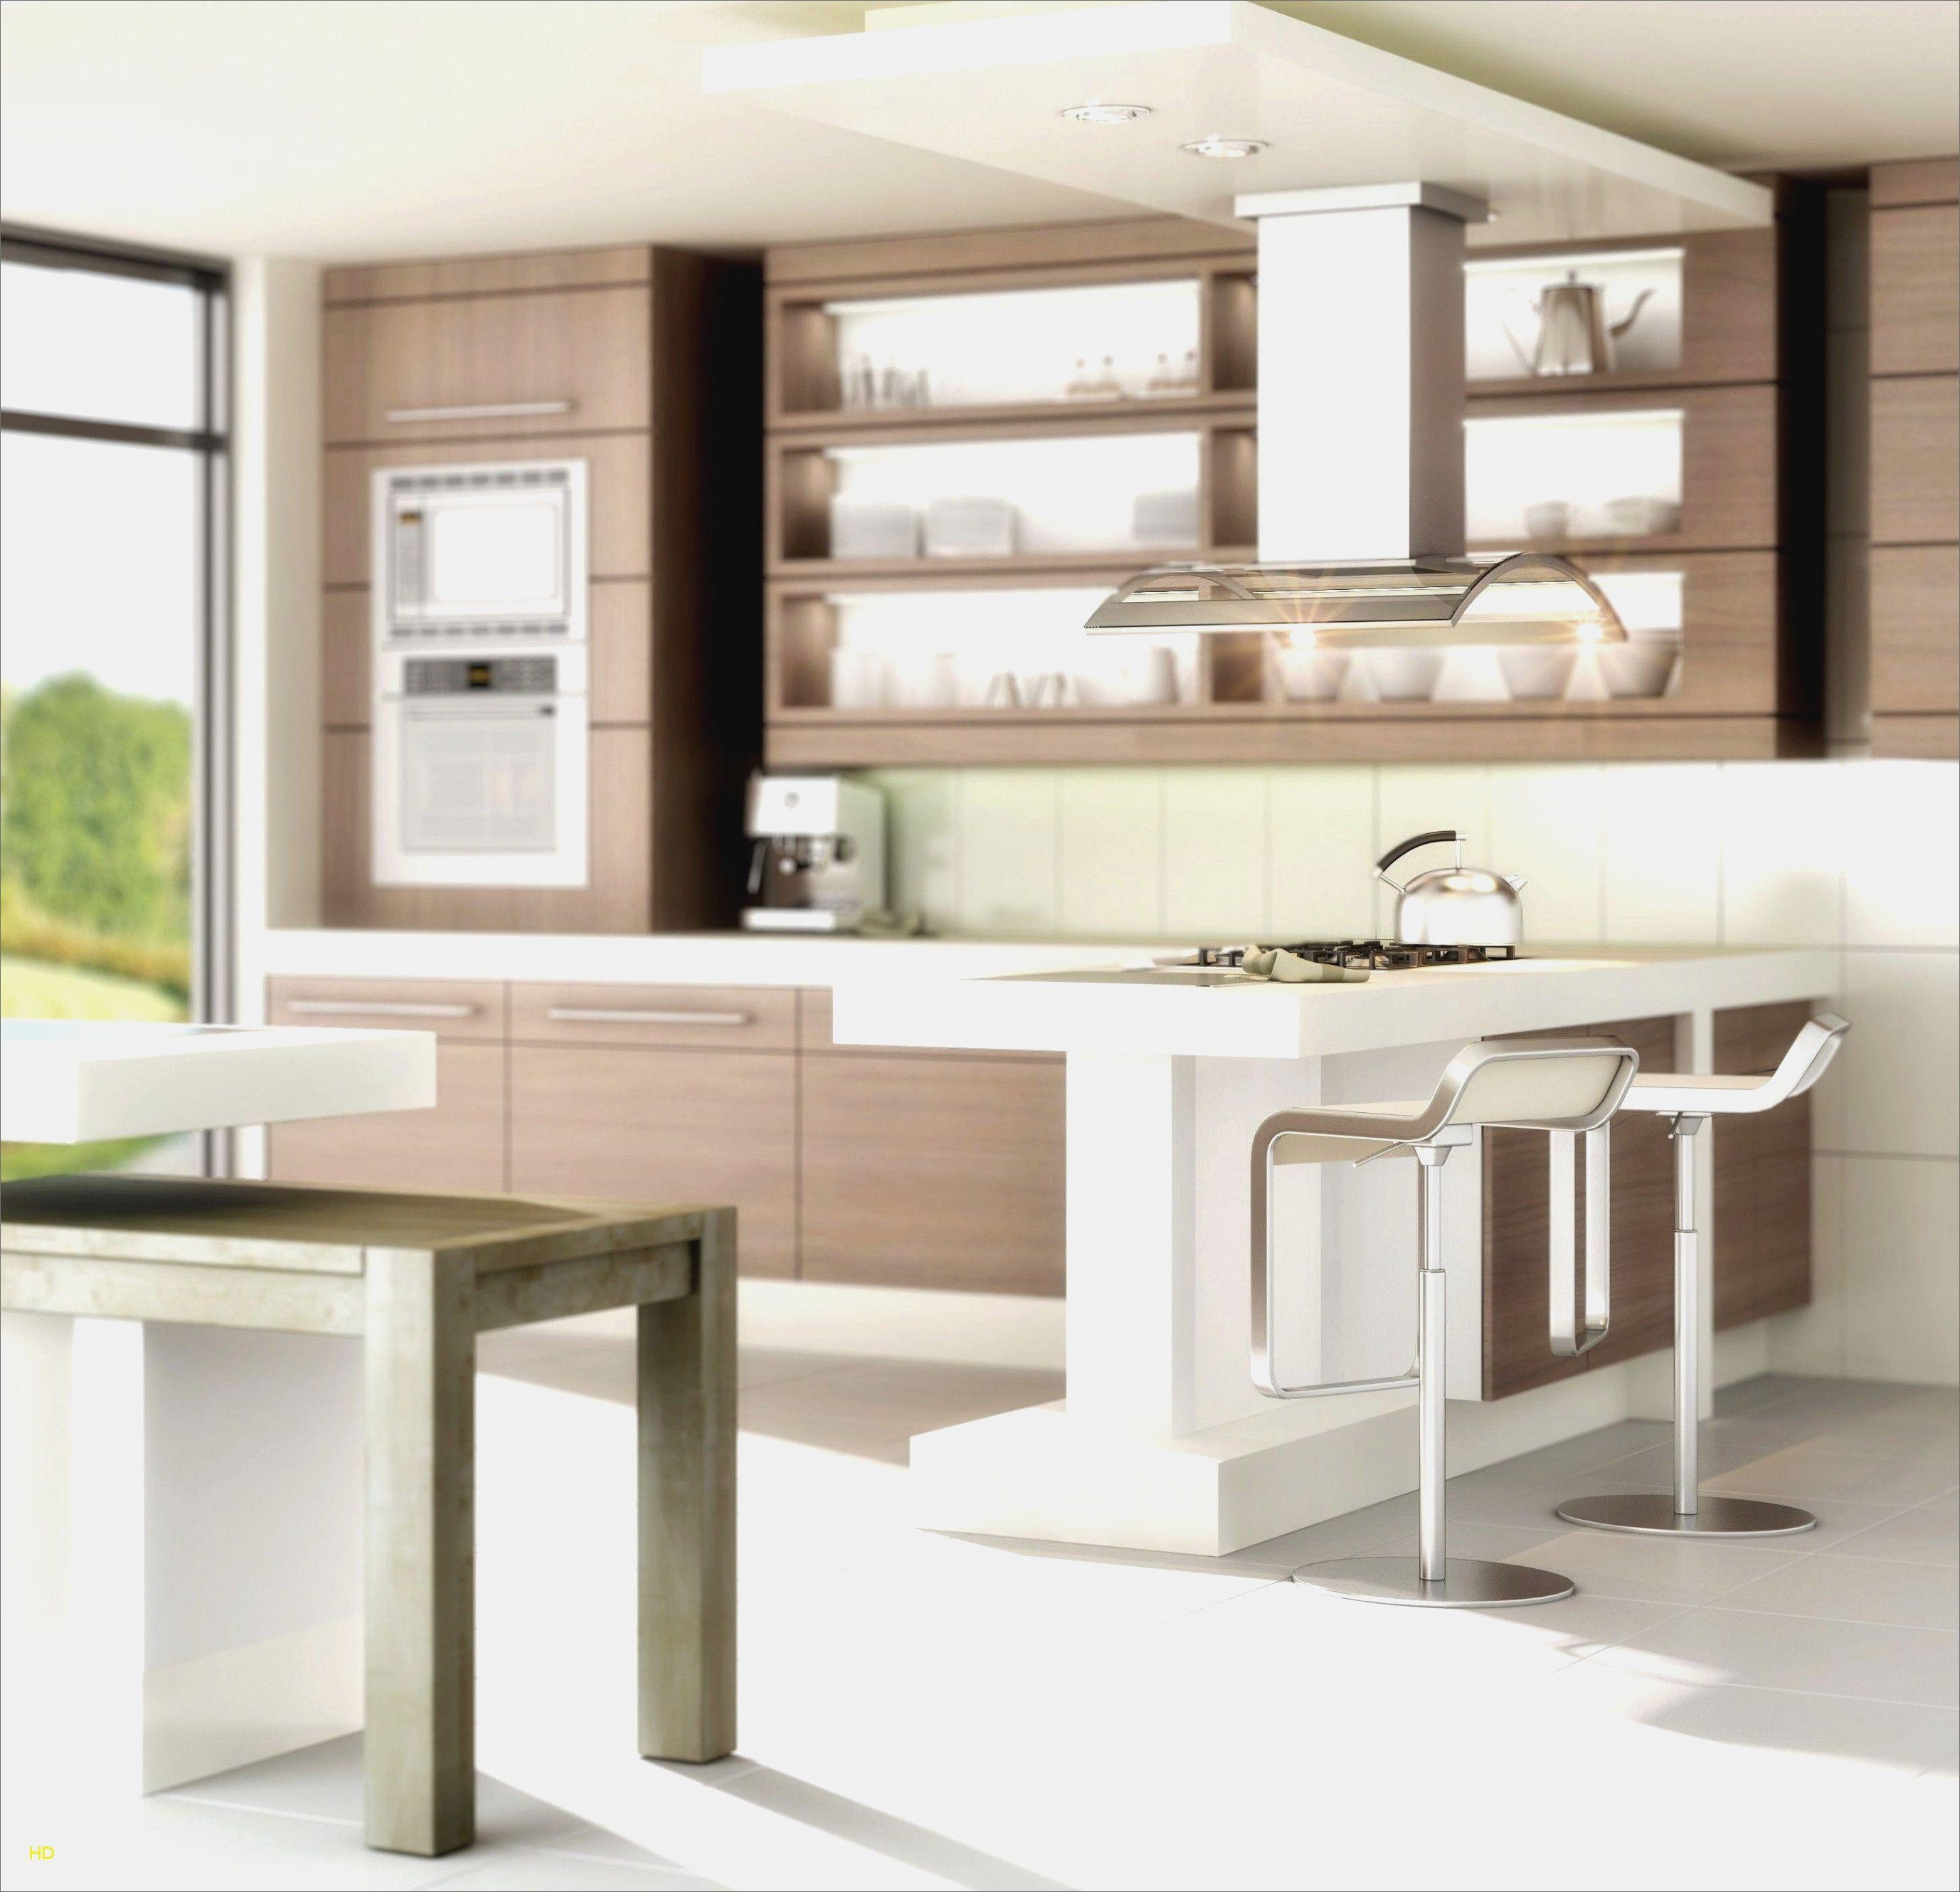 48 Das Beste Von Arbeitsplatte Kuche Dunn Built In Ovens Cooking Appliances Design